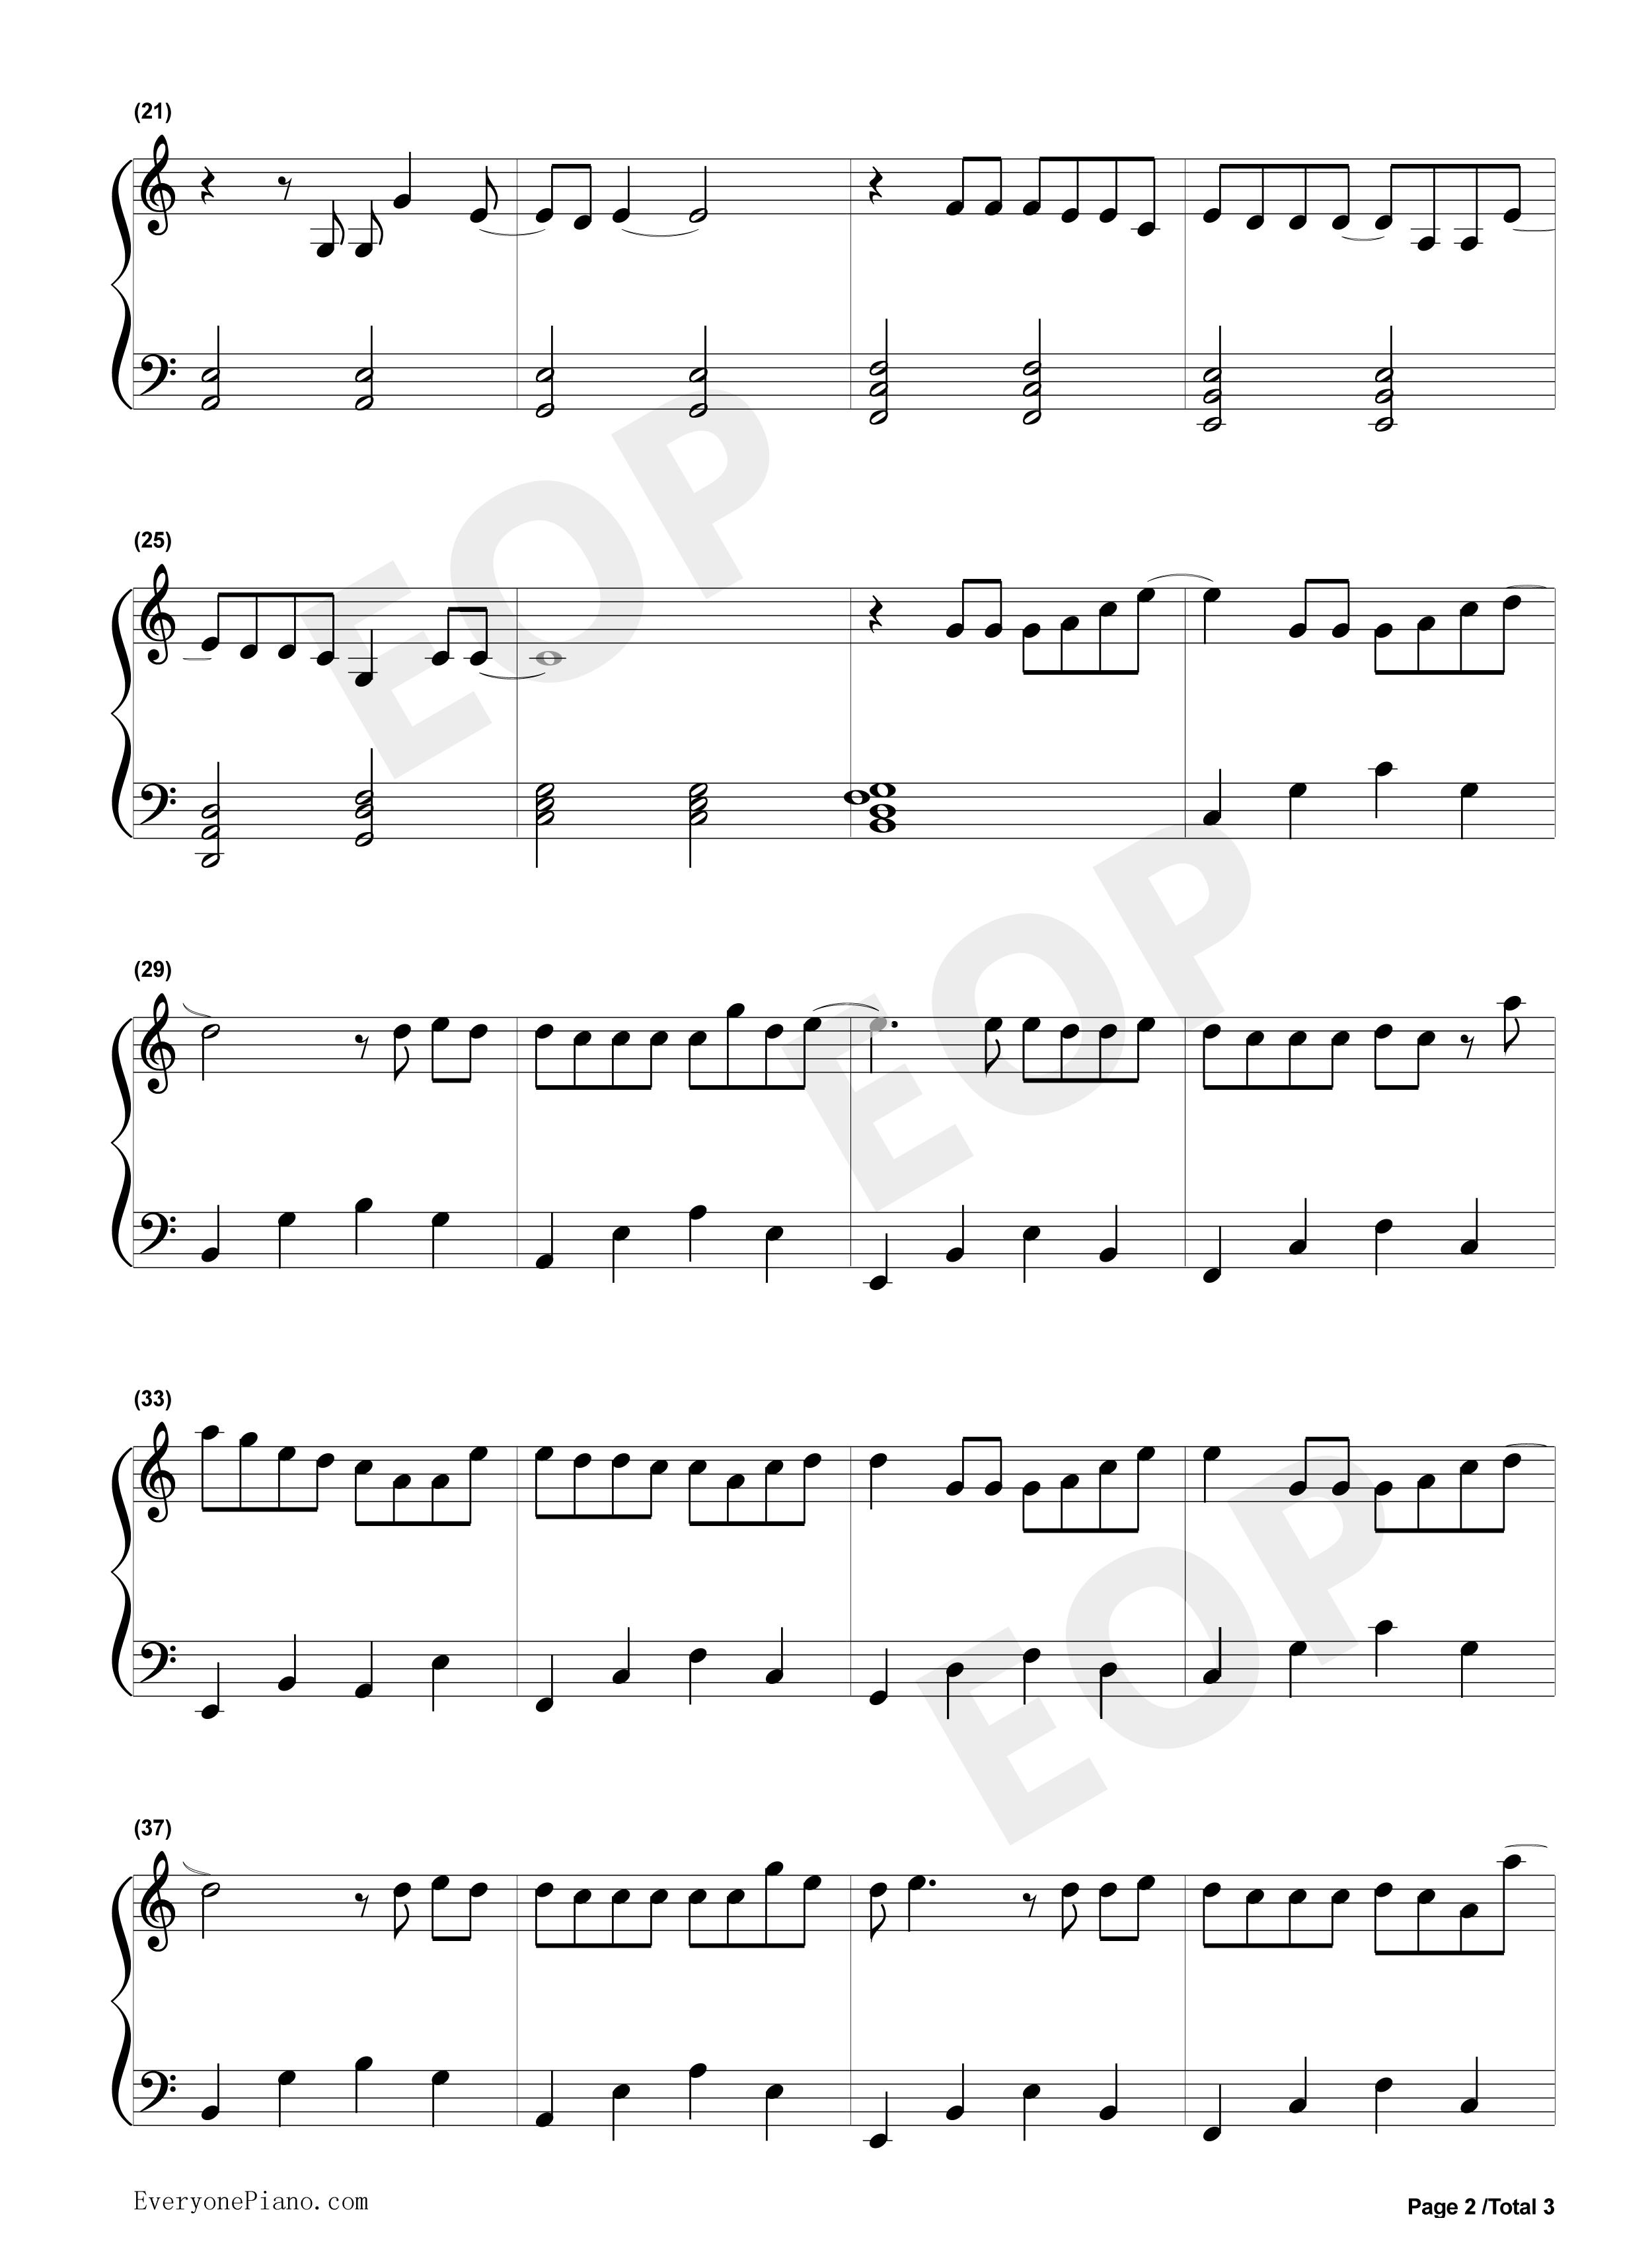 钢琴曲谱 流行 认真的雪-薛之谦-简单版 认真的雪-薛之谦-简单版